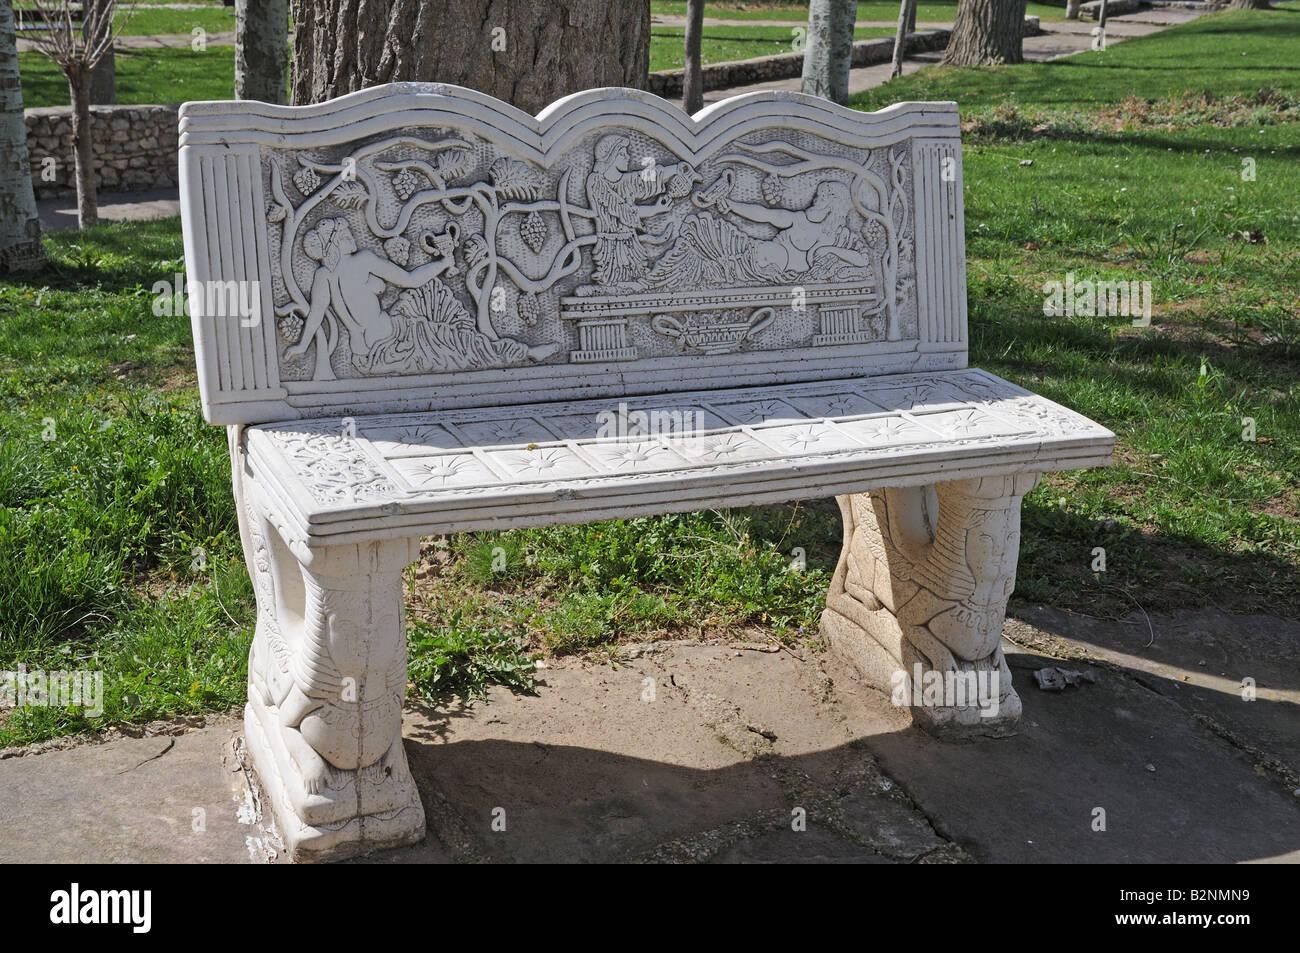 Good Ornate Decorative Cement Concrete Cast Stone Public Seat Bench Outside The  Visigothic Basilica Banos De Cerrato